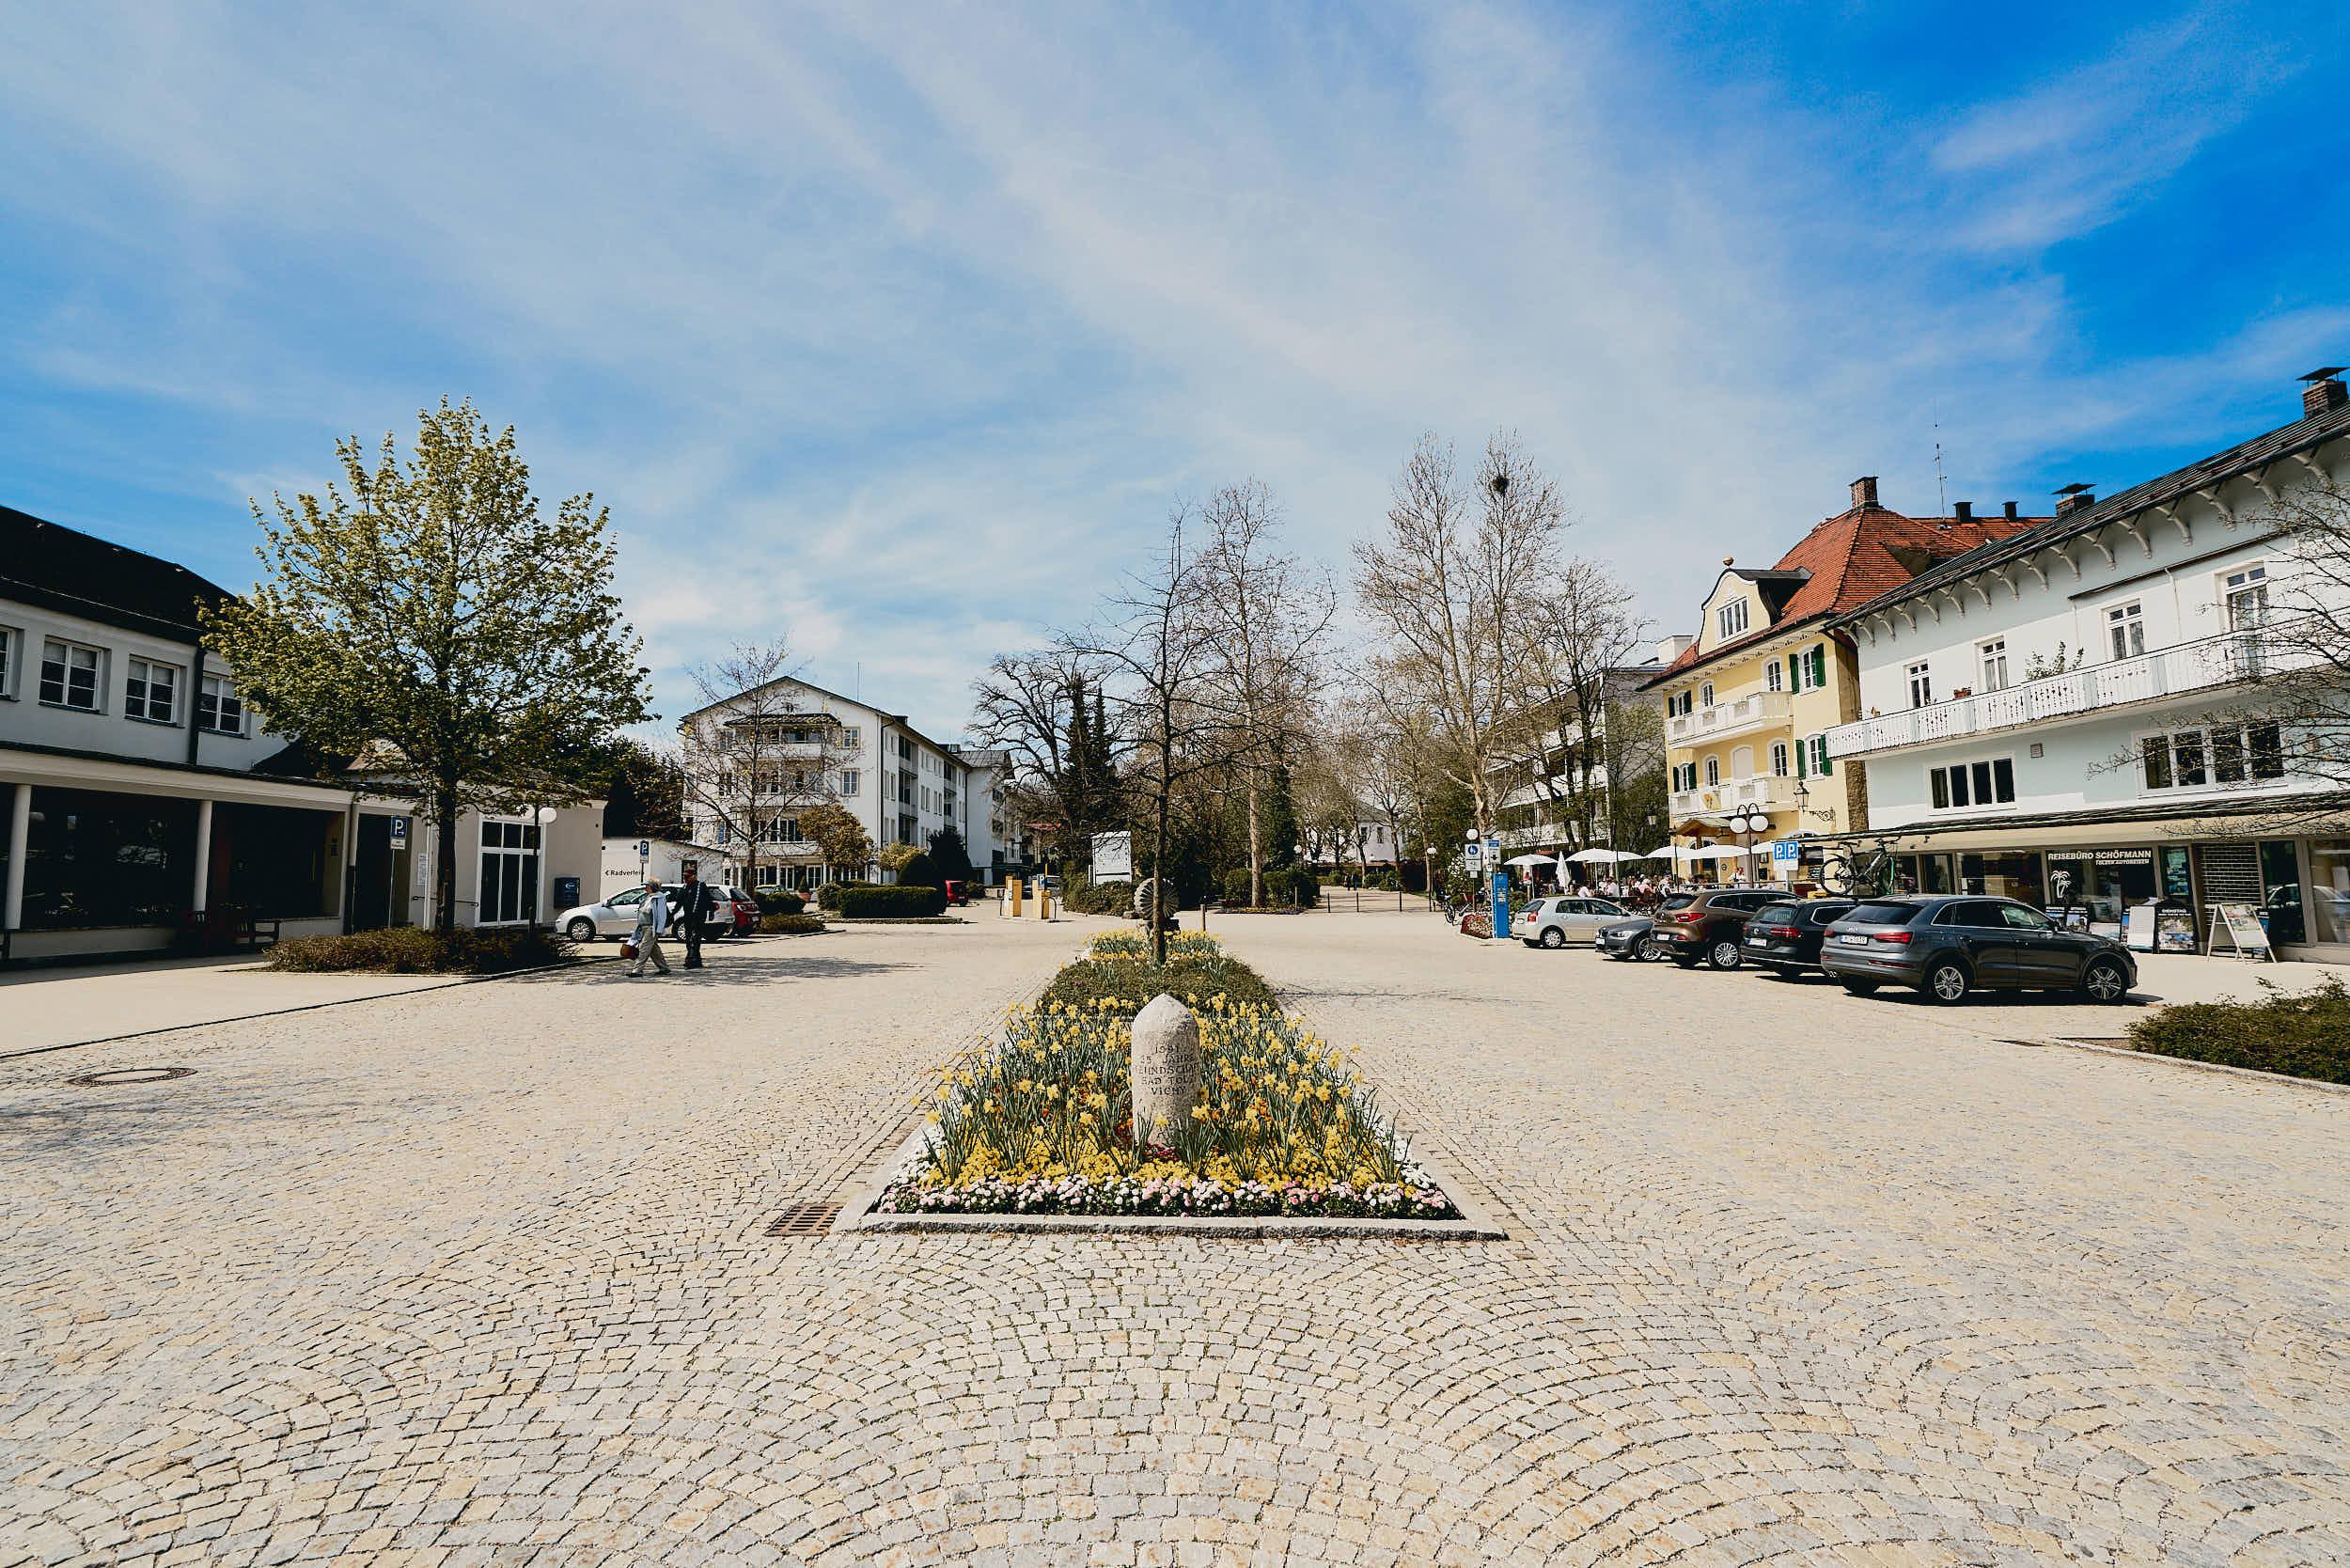 Zentrum des touristischen Bad Tölz - der Vichyplatz